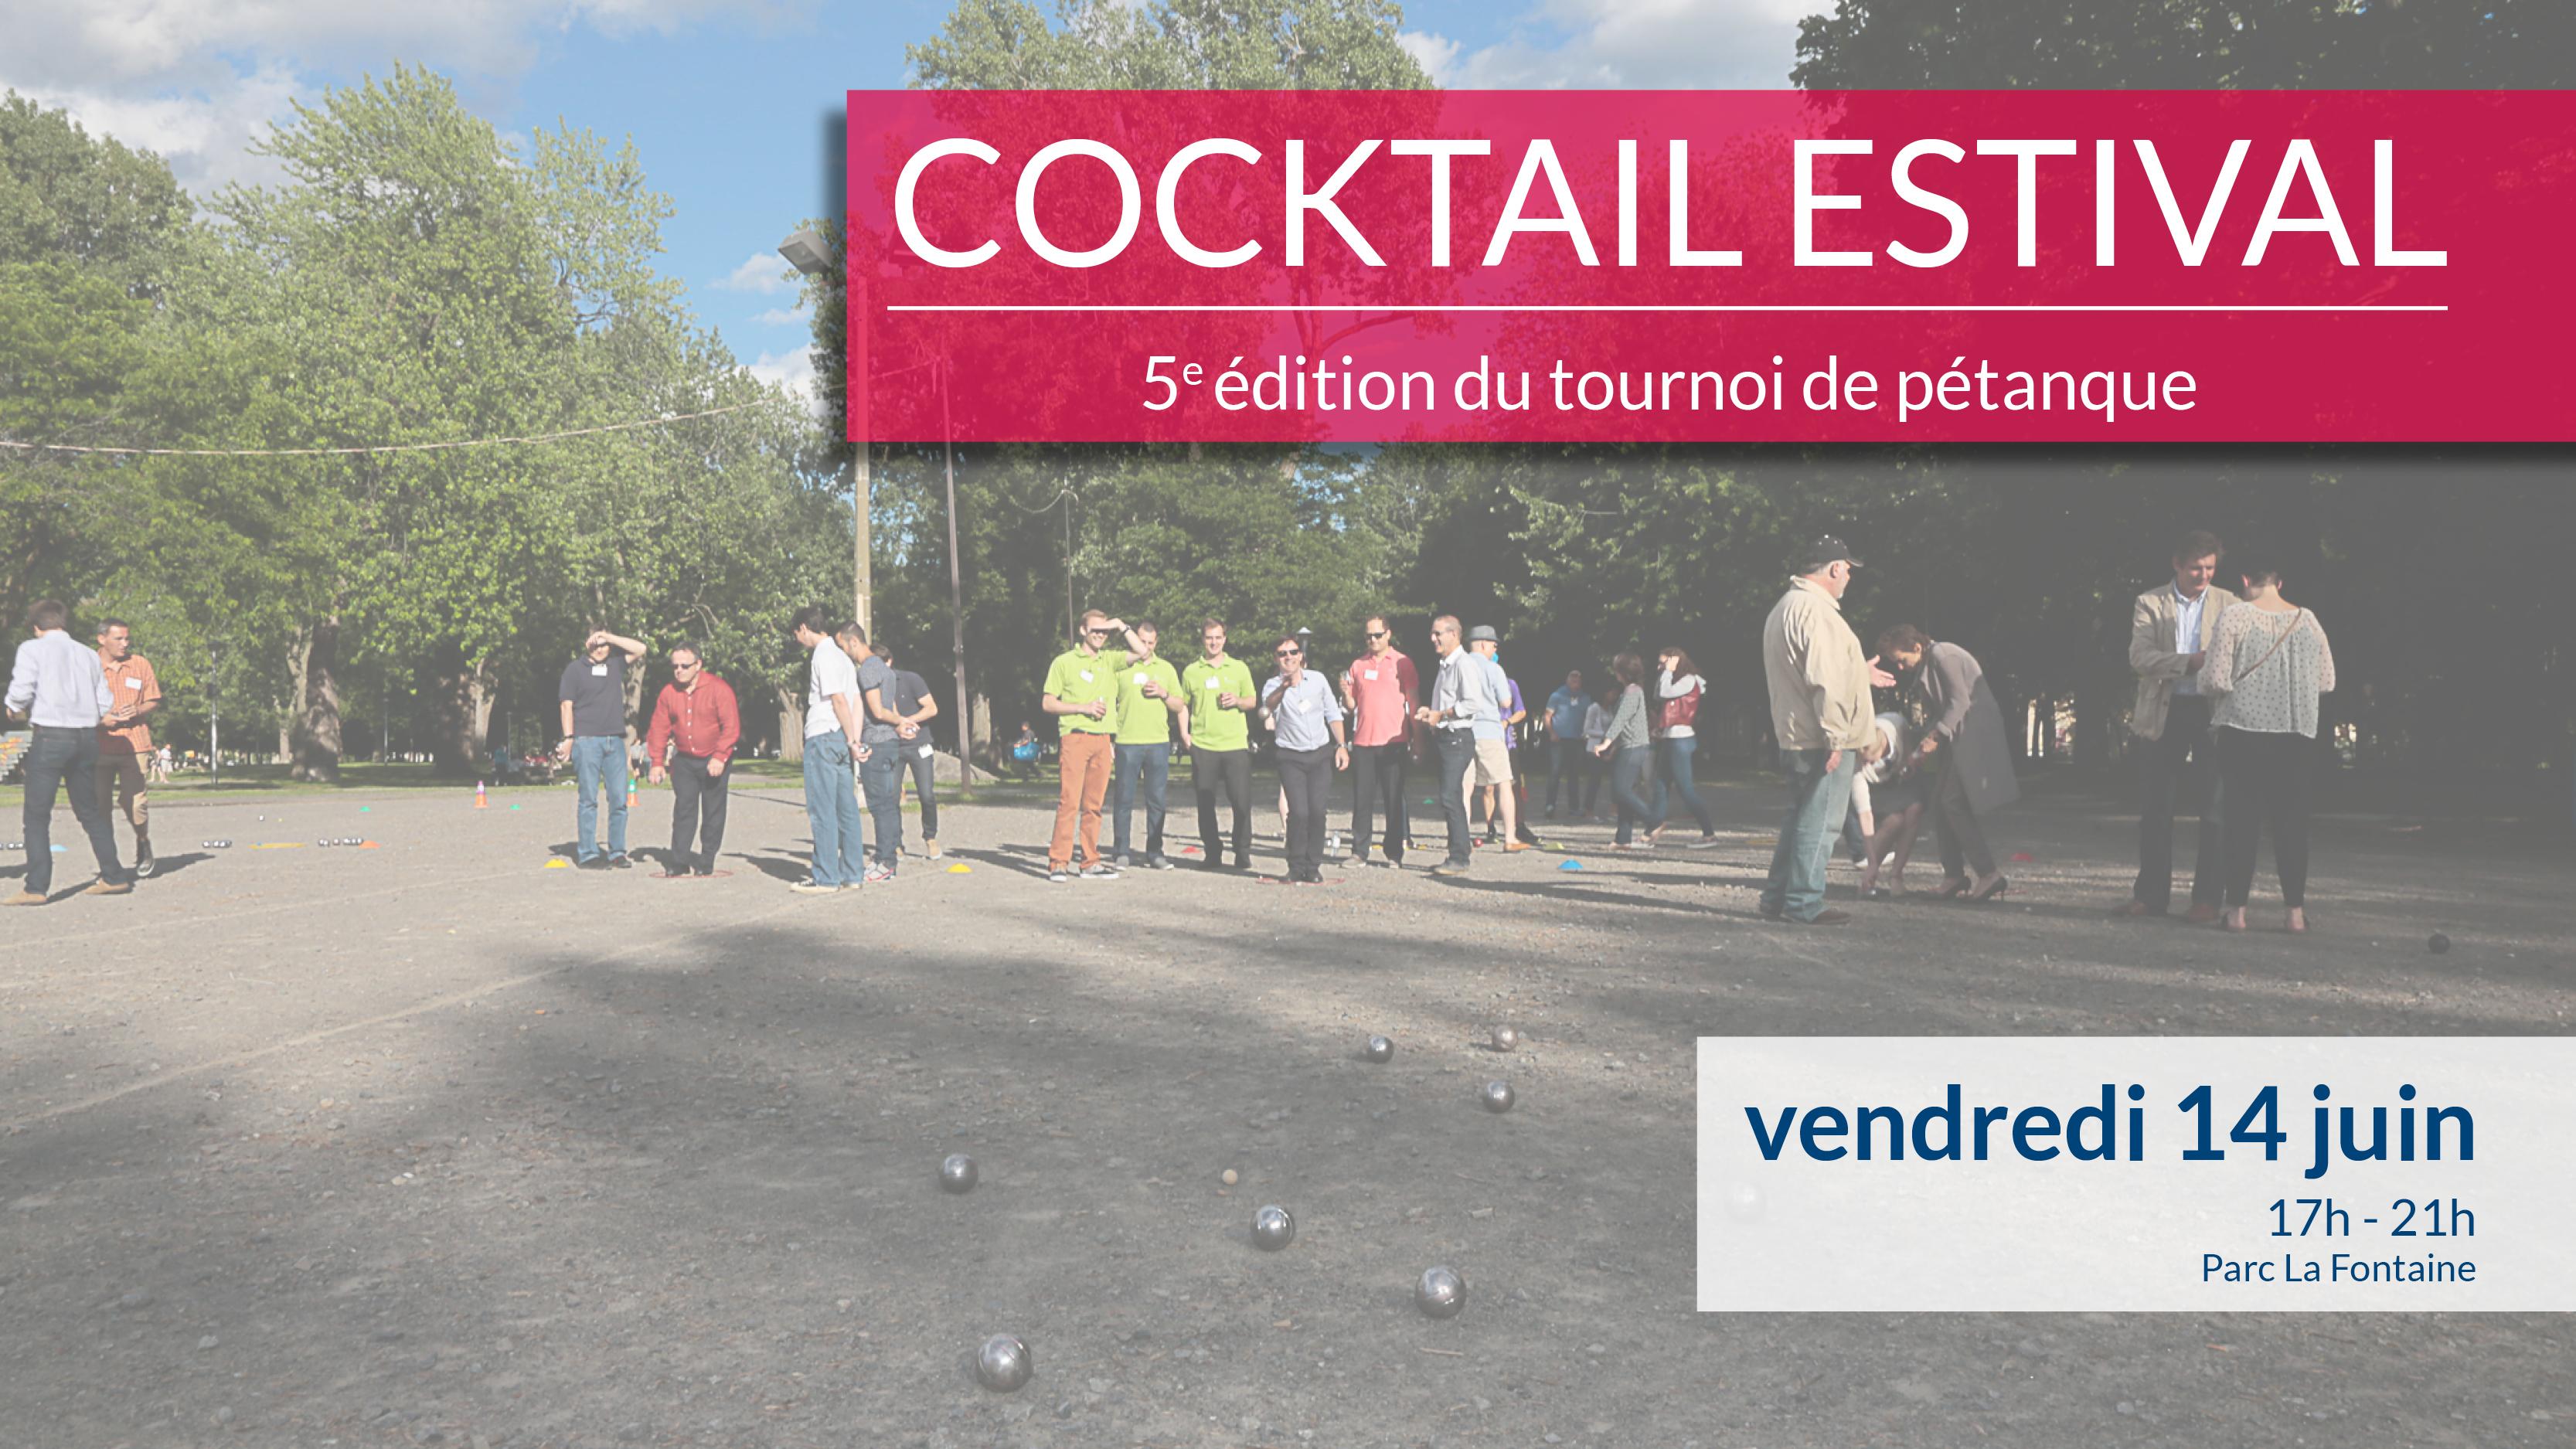 Cocktail estival- Tournoi de pétanque